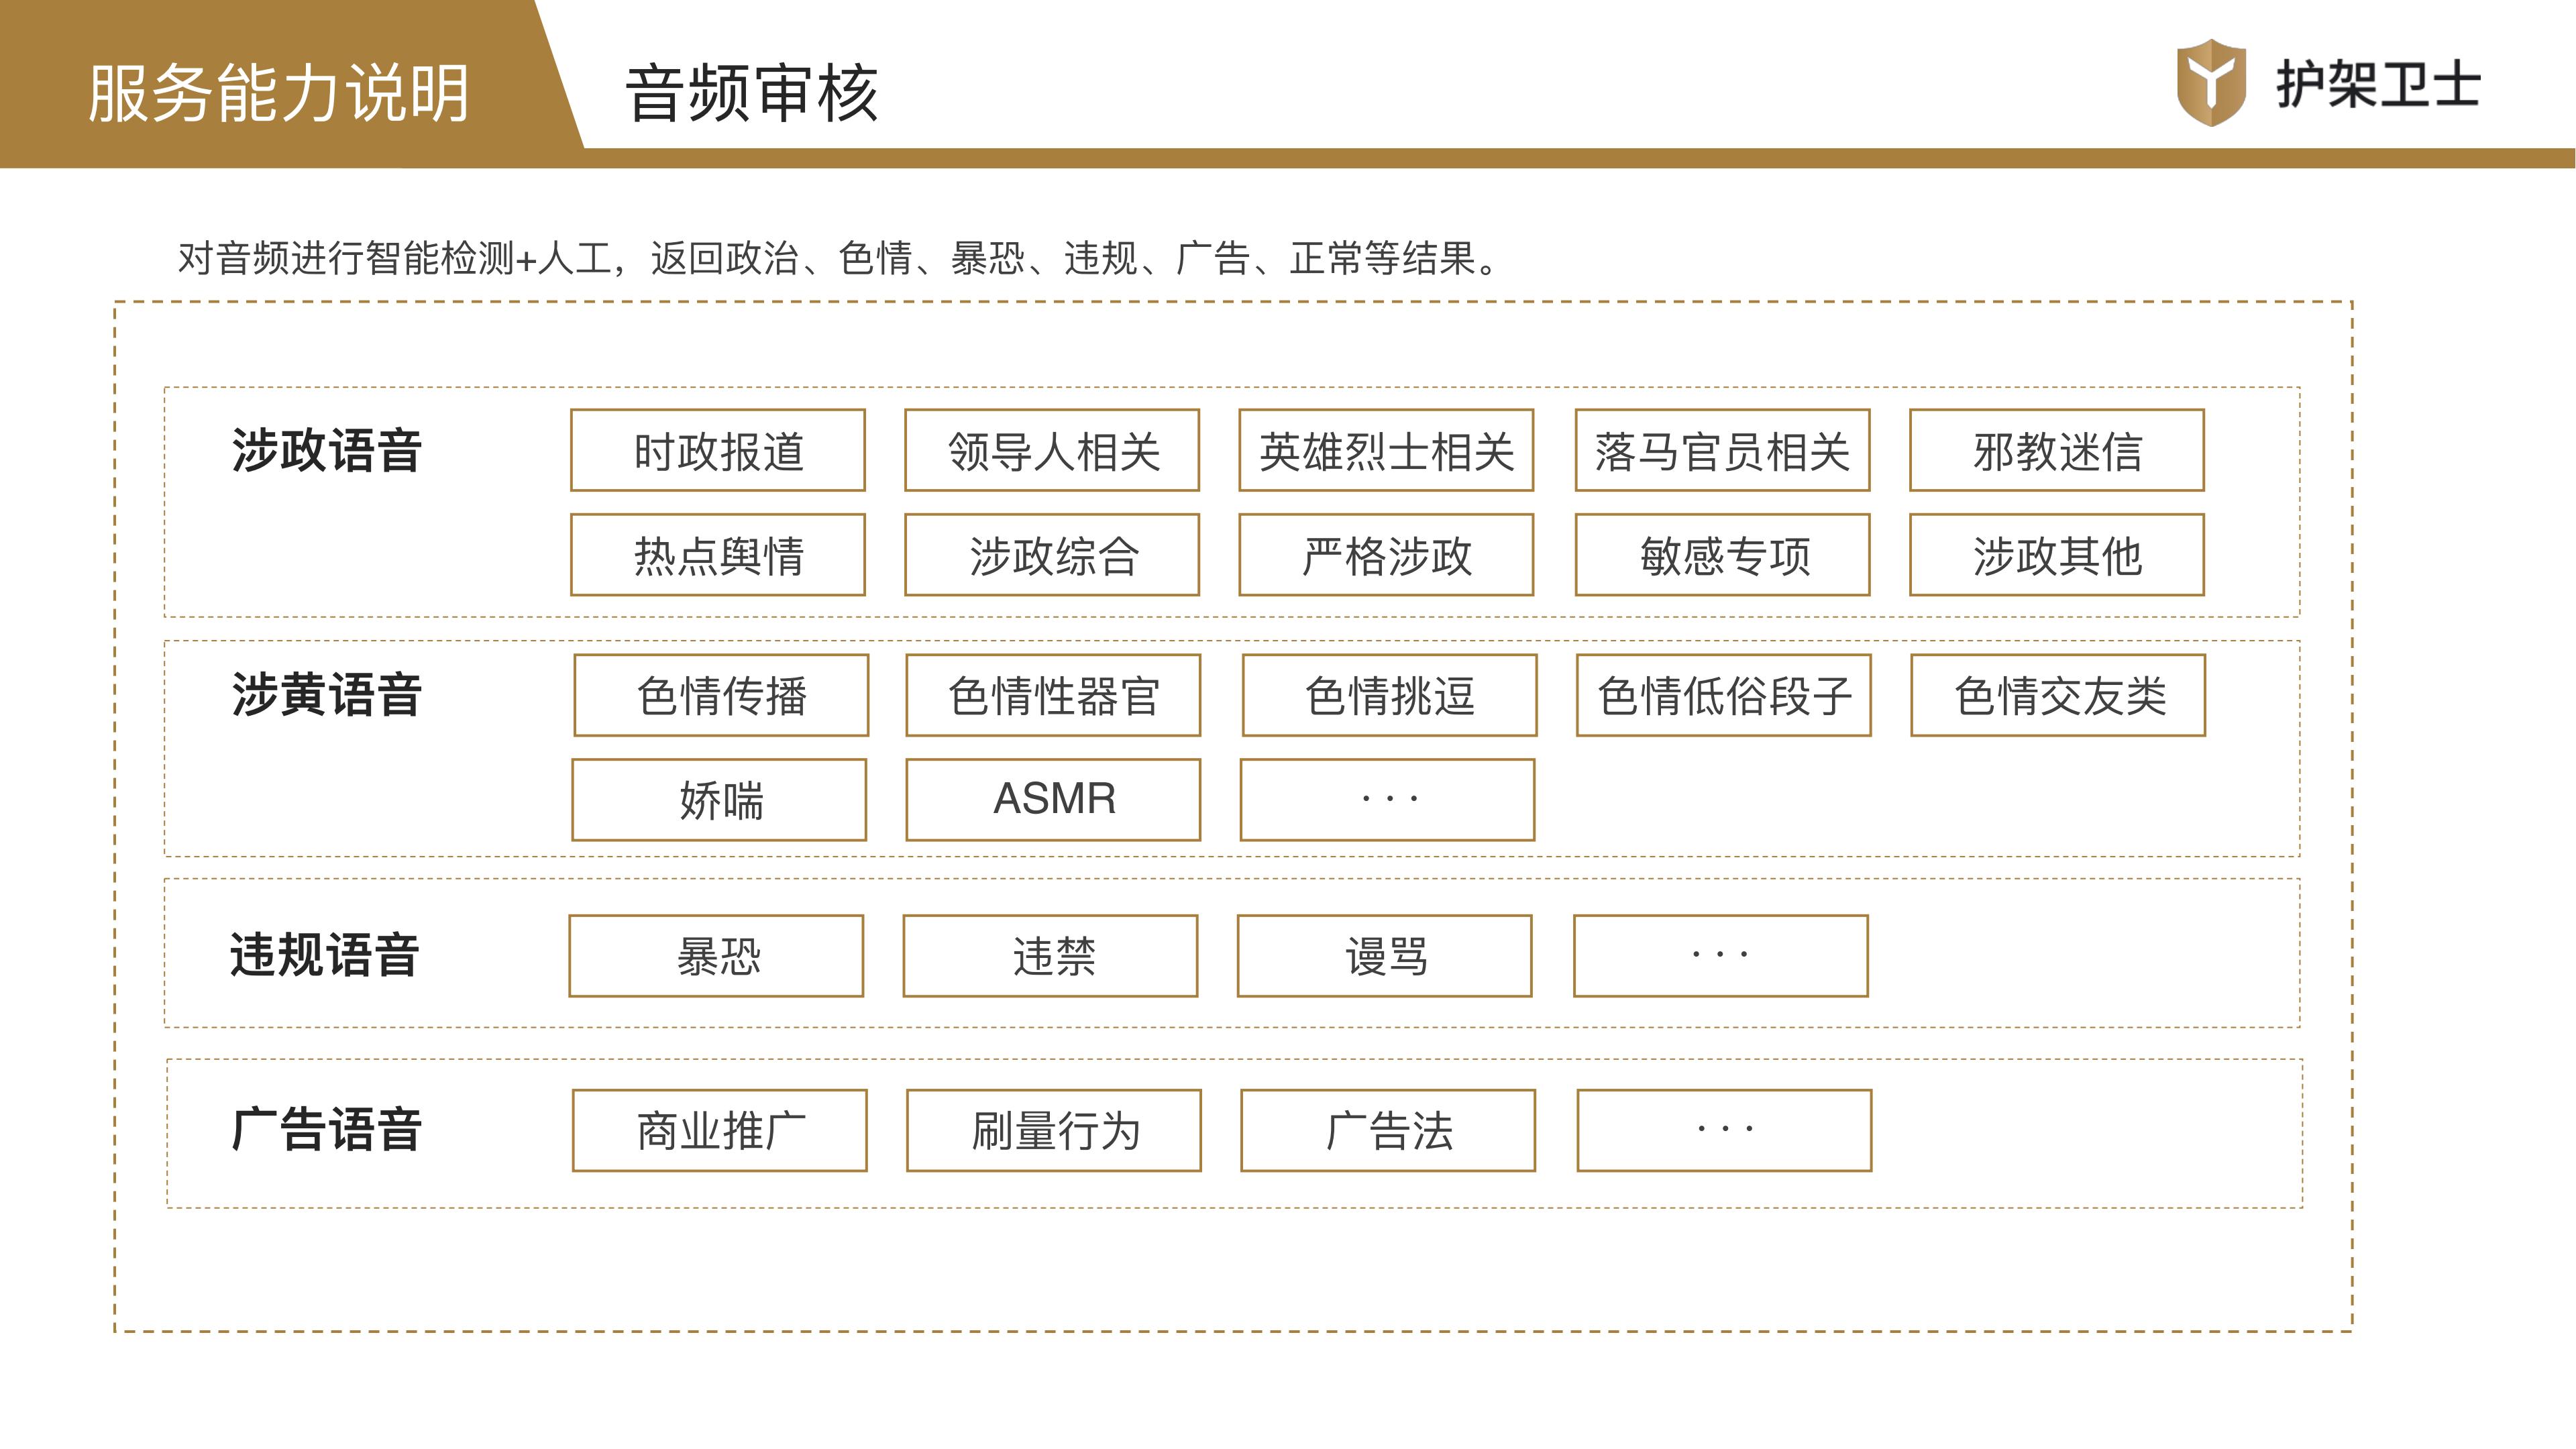 护架卫士产品介绍1.2_09.png